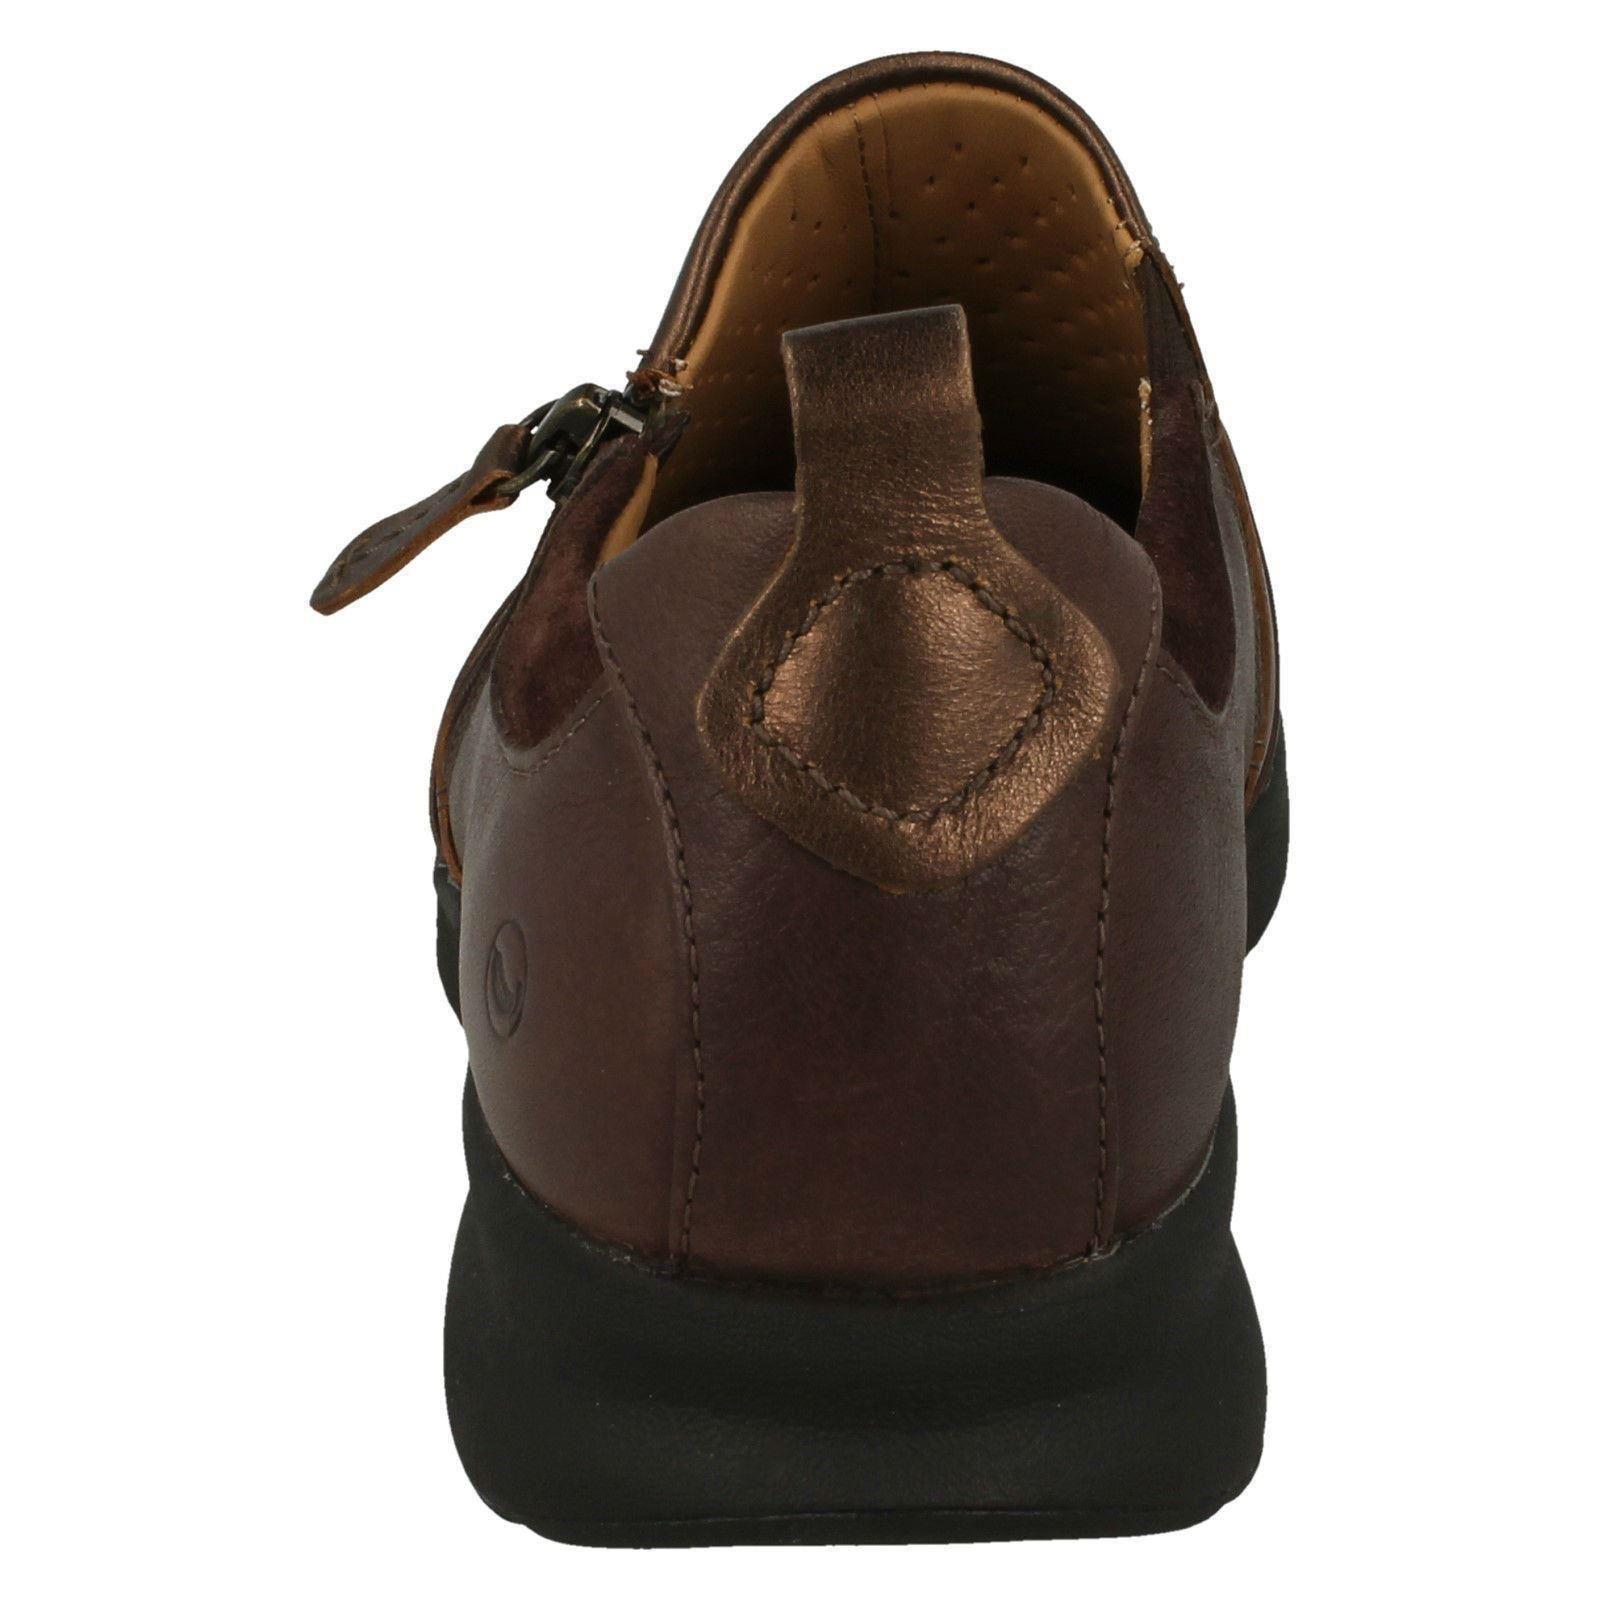 Damas Clarks Zapatos informales no estructurados Slip On adornan Postal de de Postal las Naciones Unidas c78cc8